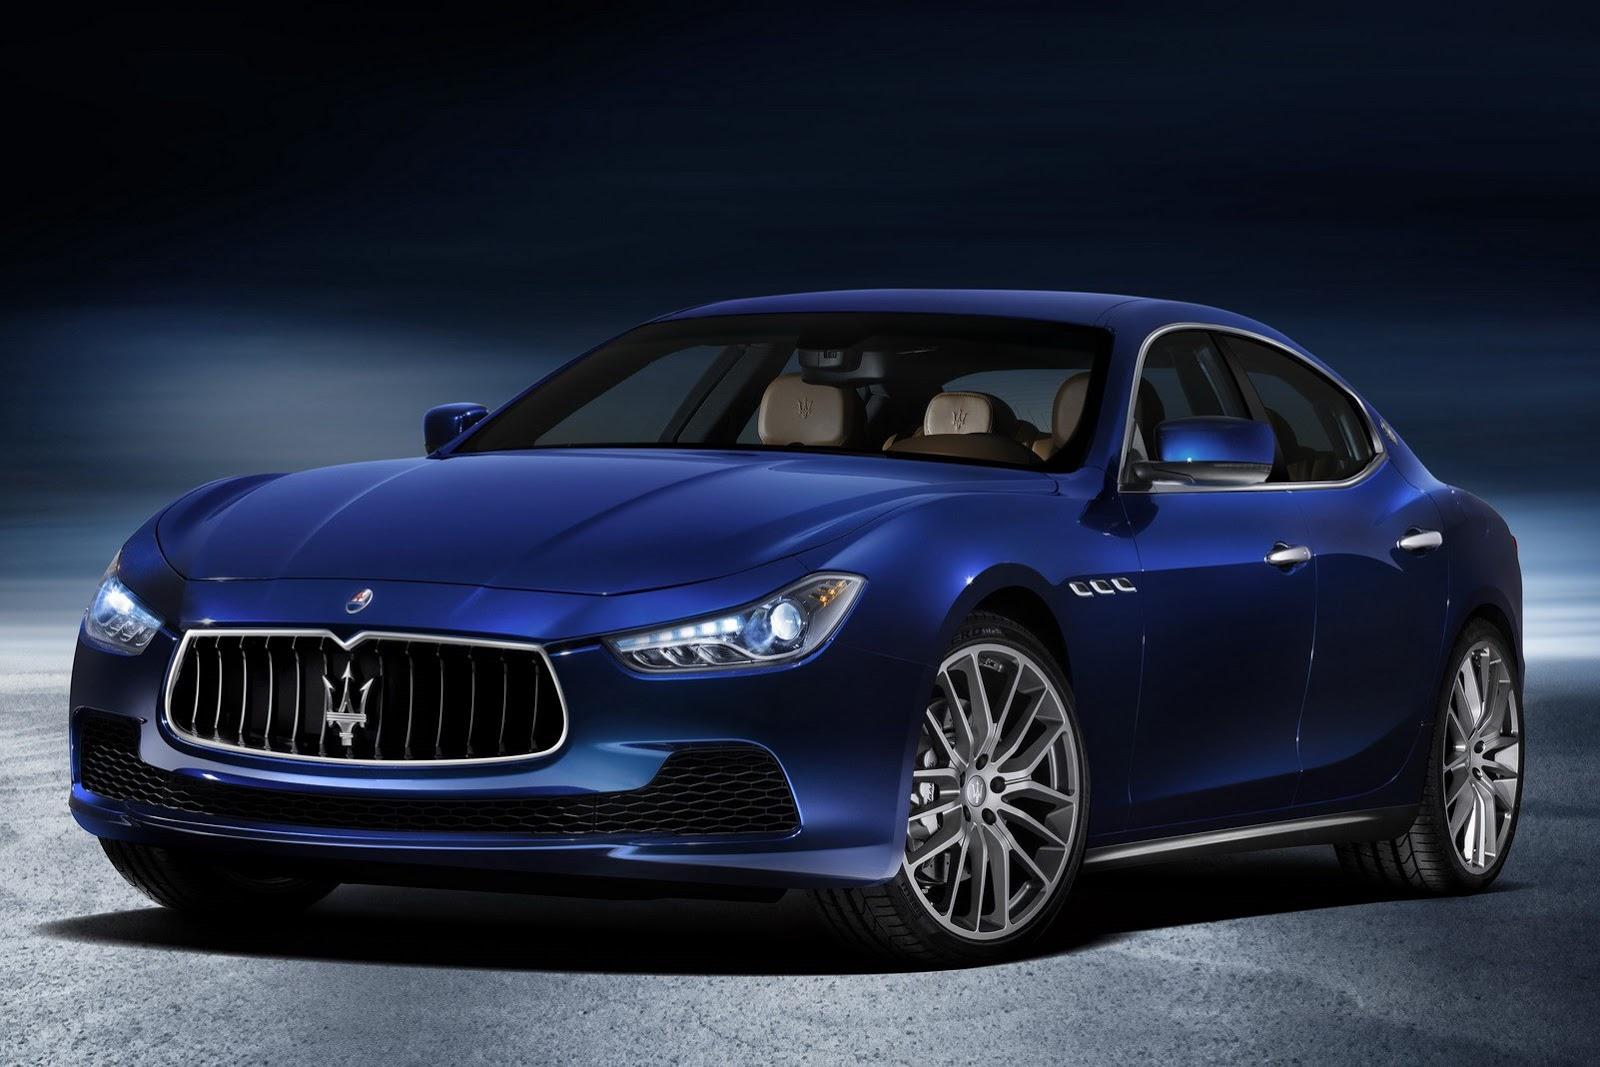 El futuro de Maserati vuelve a estar en el aire, ¿veremos un cambio importante?